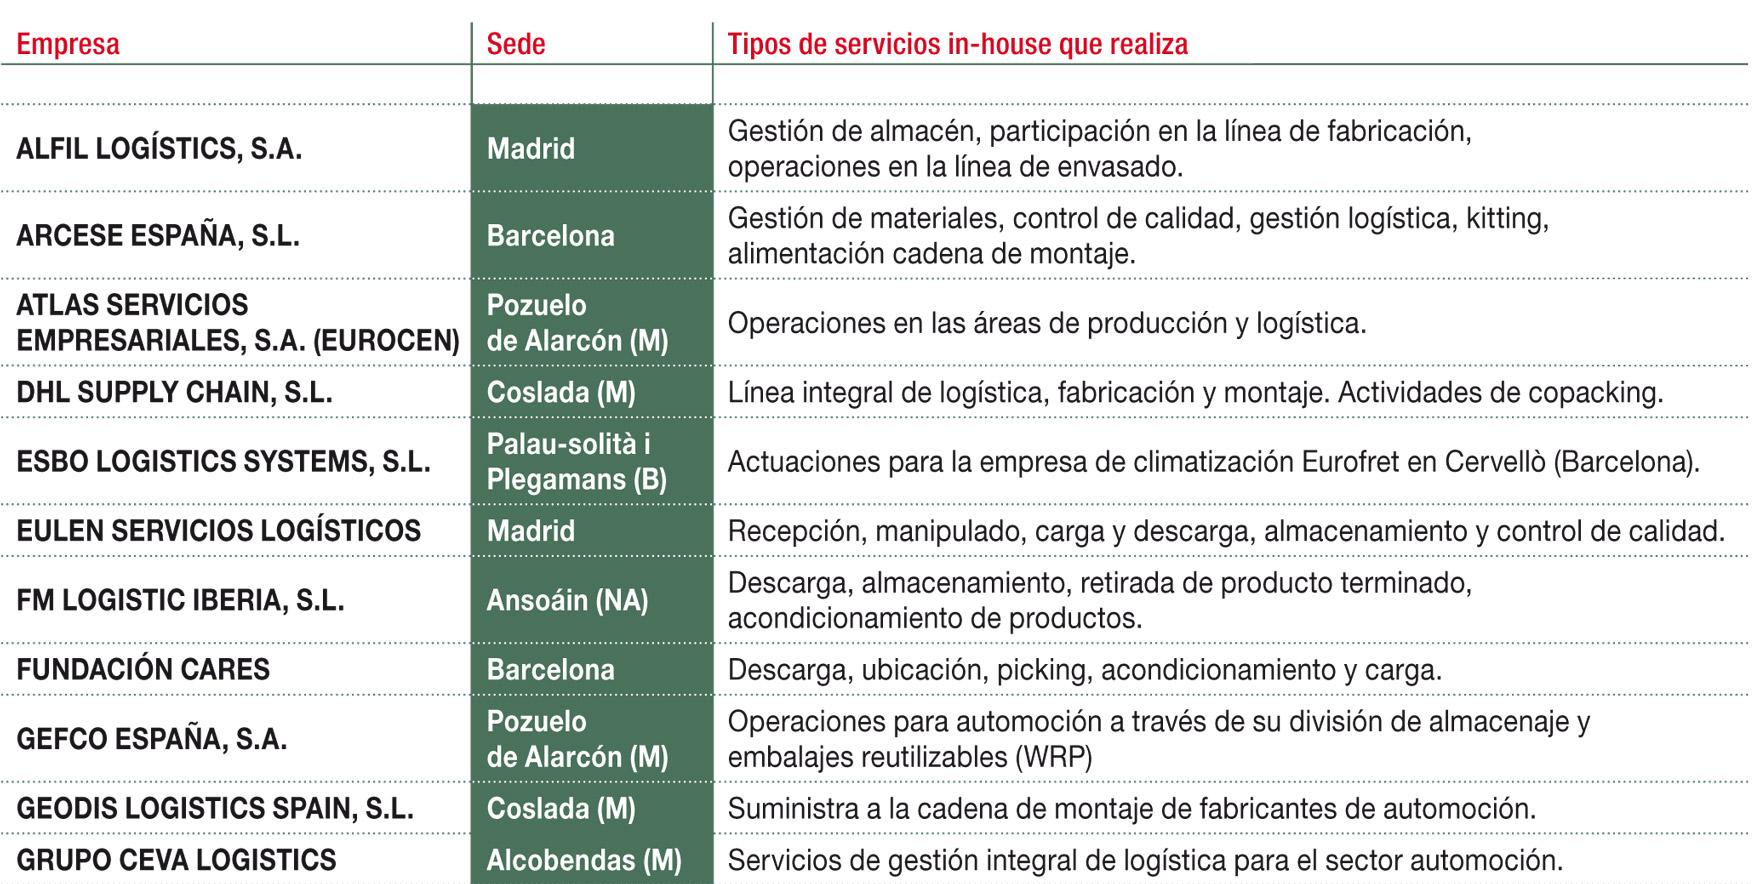 Principales empresas que operan en el mercado de logística In house